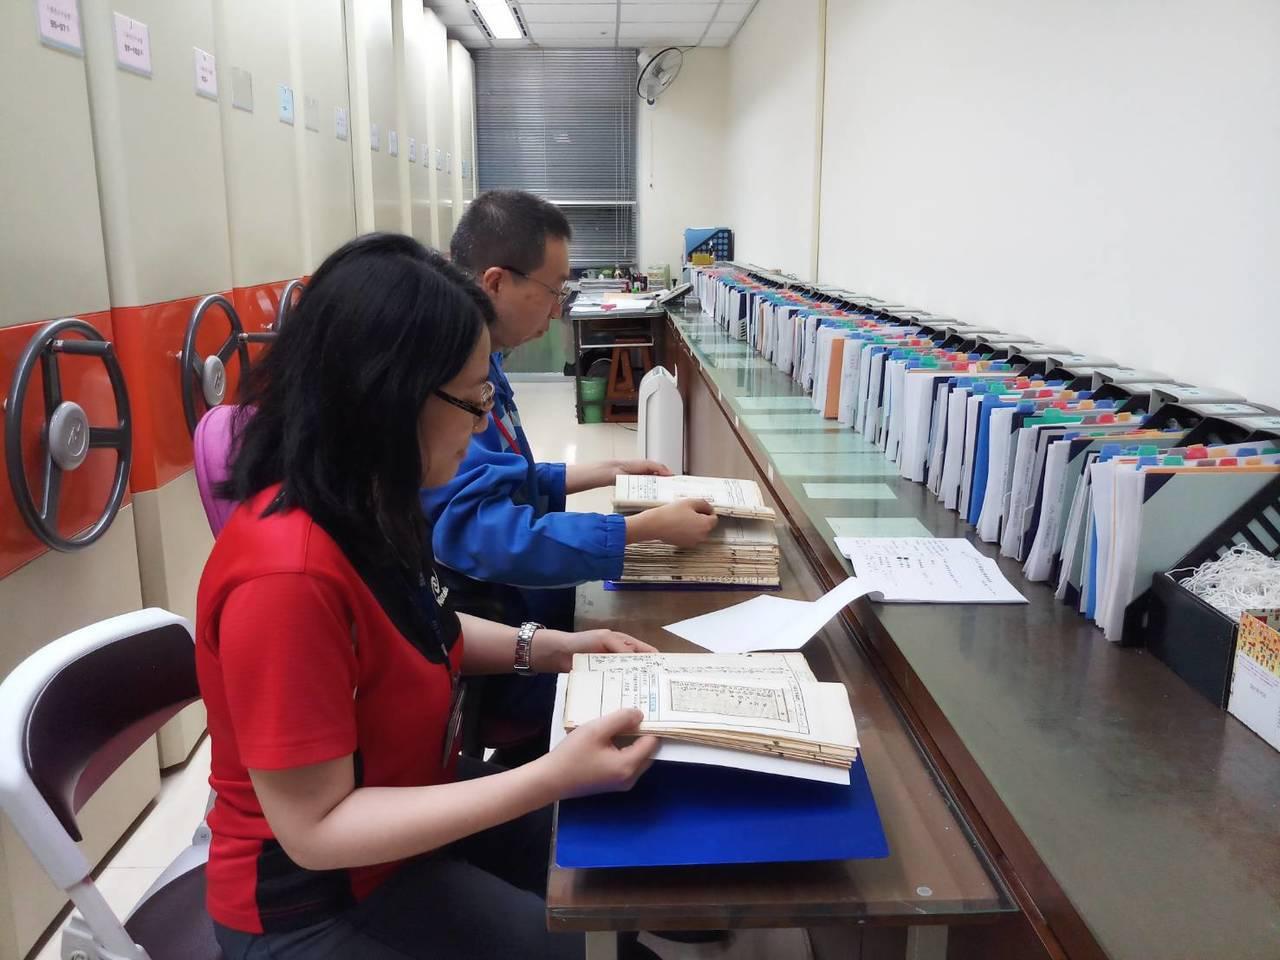 戶所人員清查日治時期及光復初期之紙本戶籍資料。圖/新竹市府提供